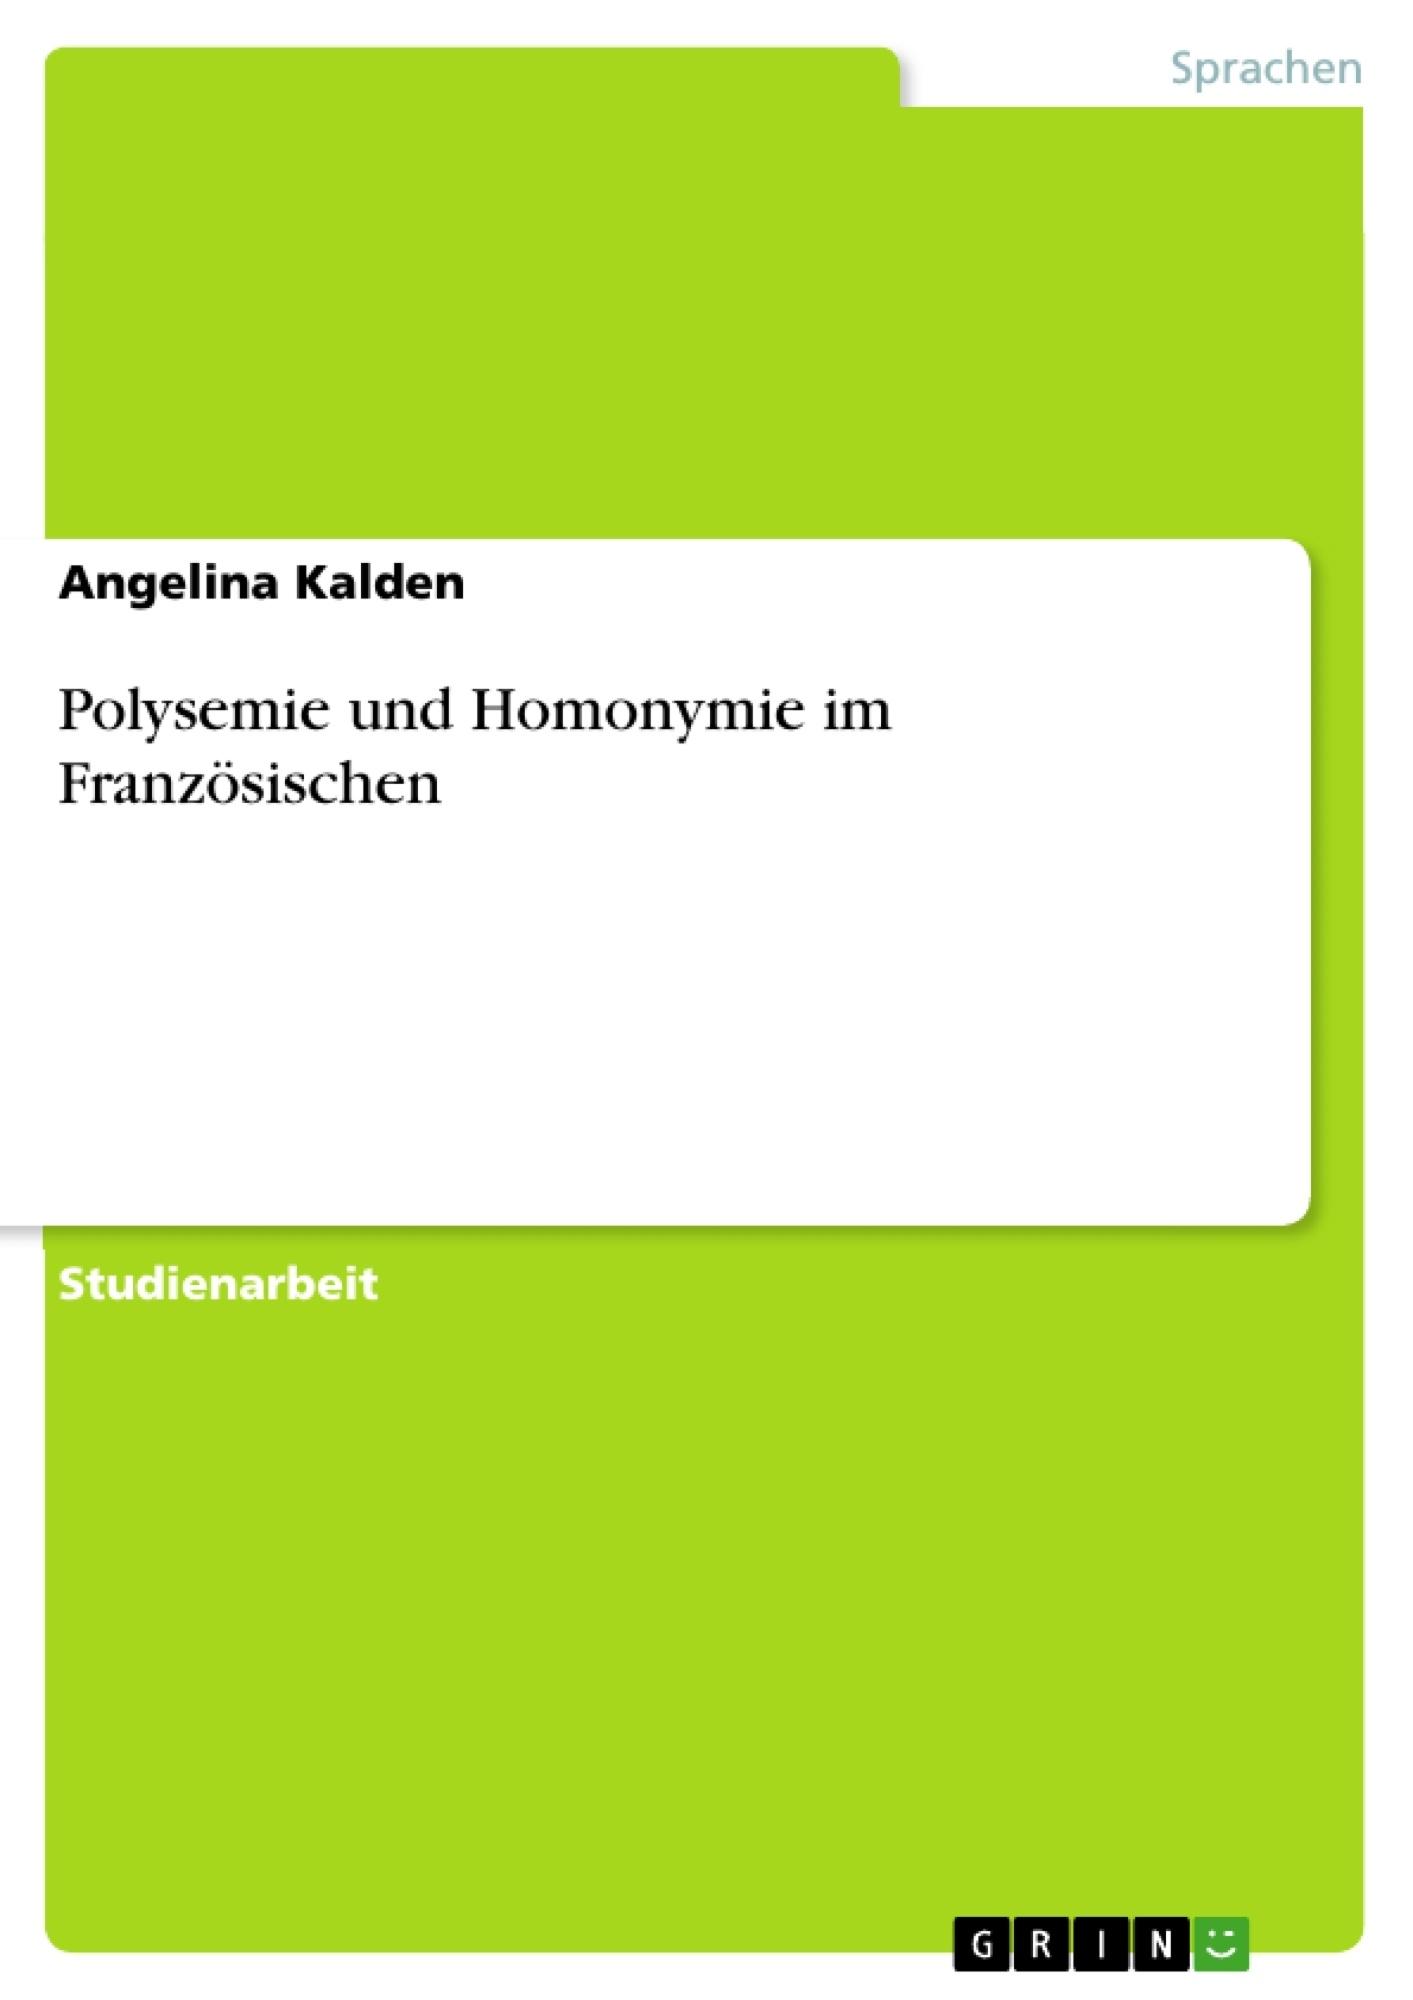 Titel: Polysemie und Homonymie im Französischen